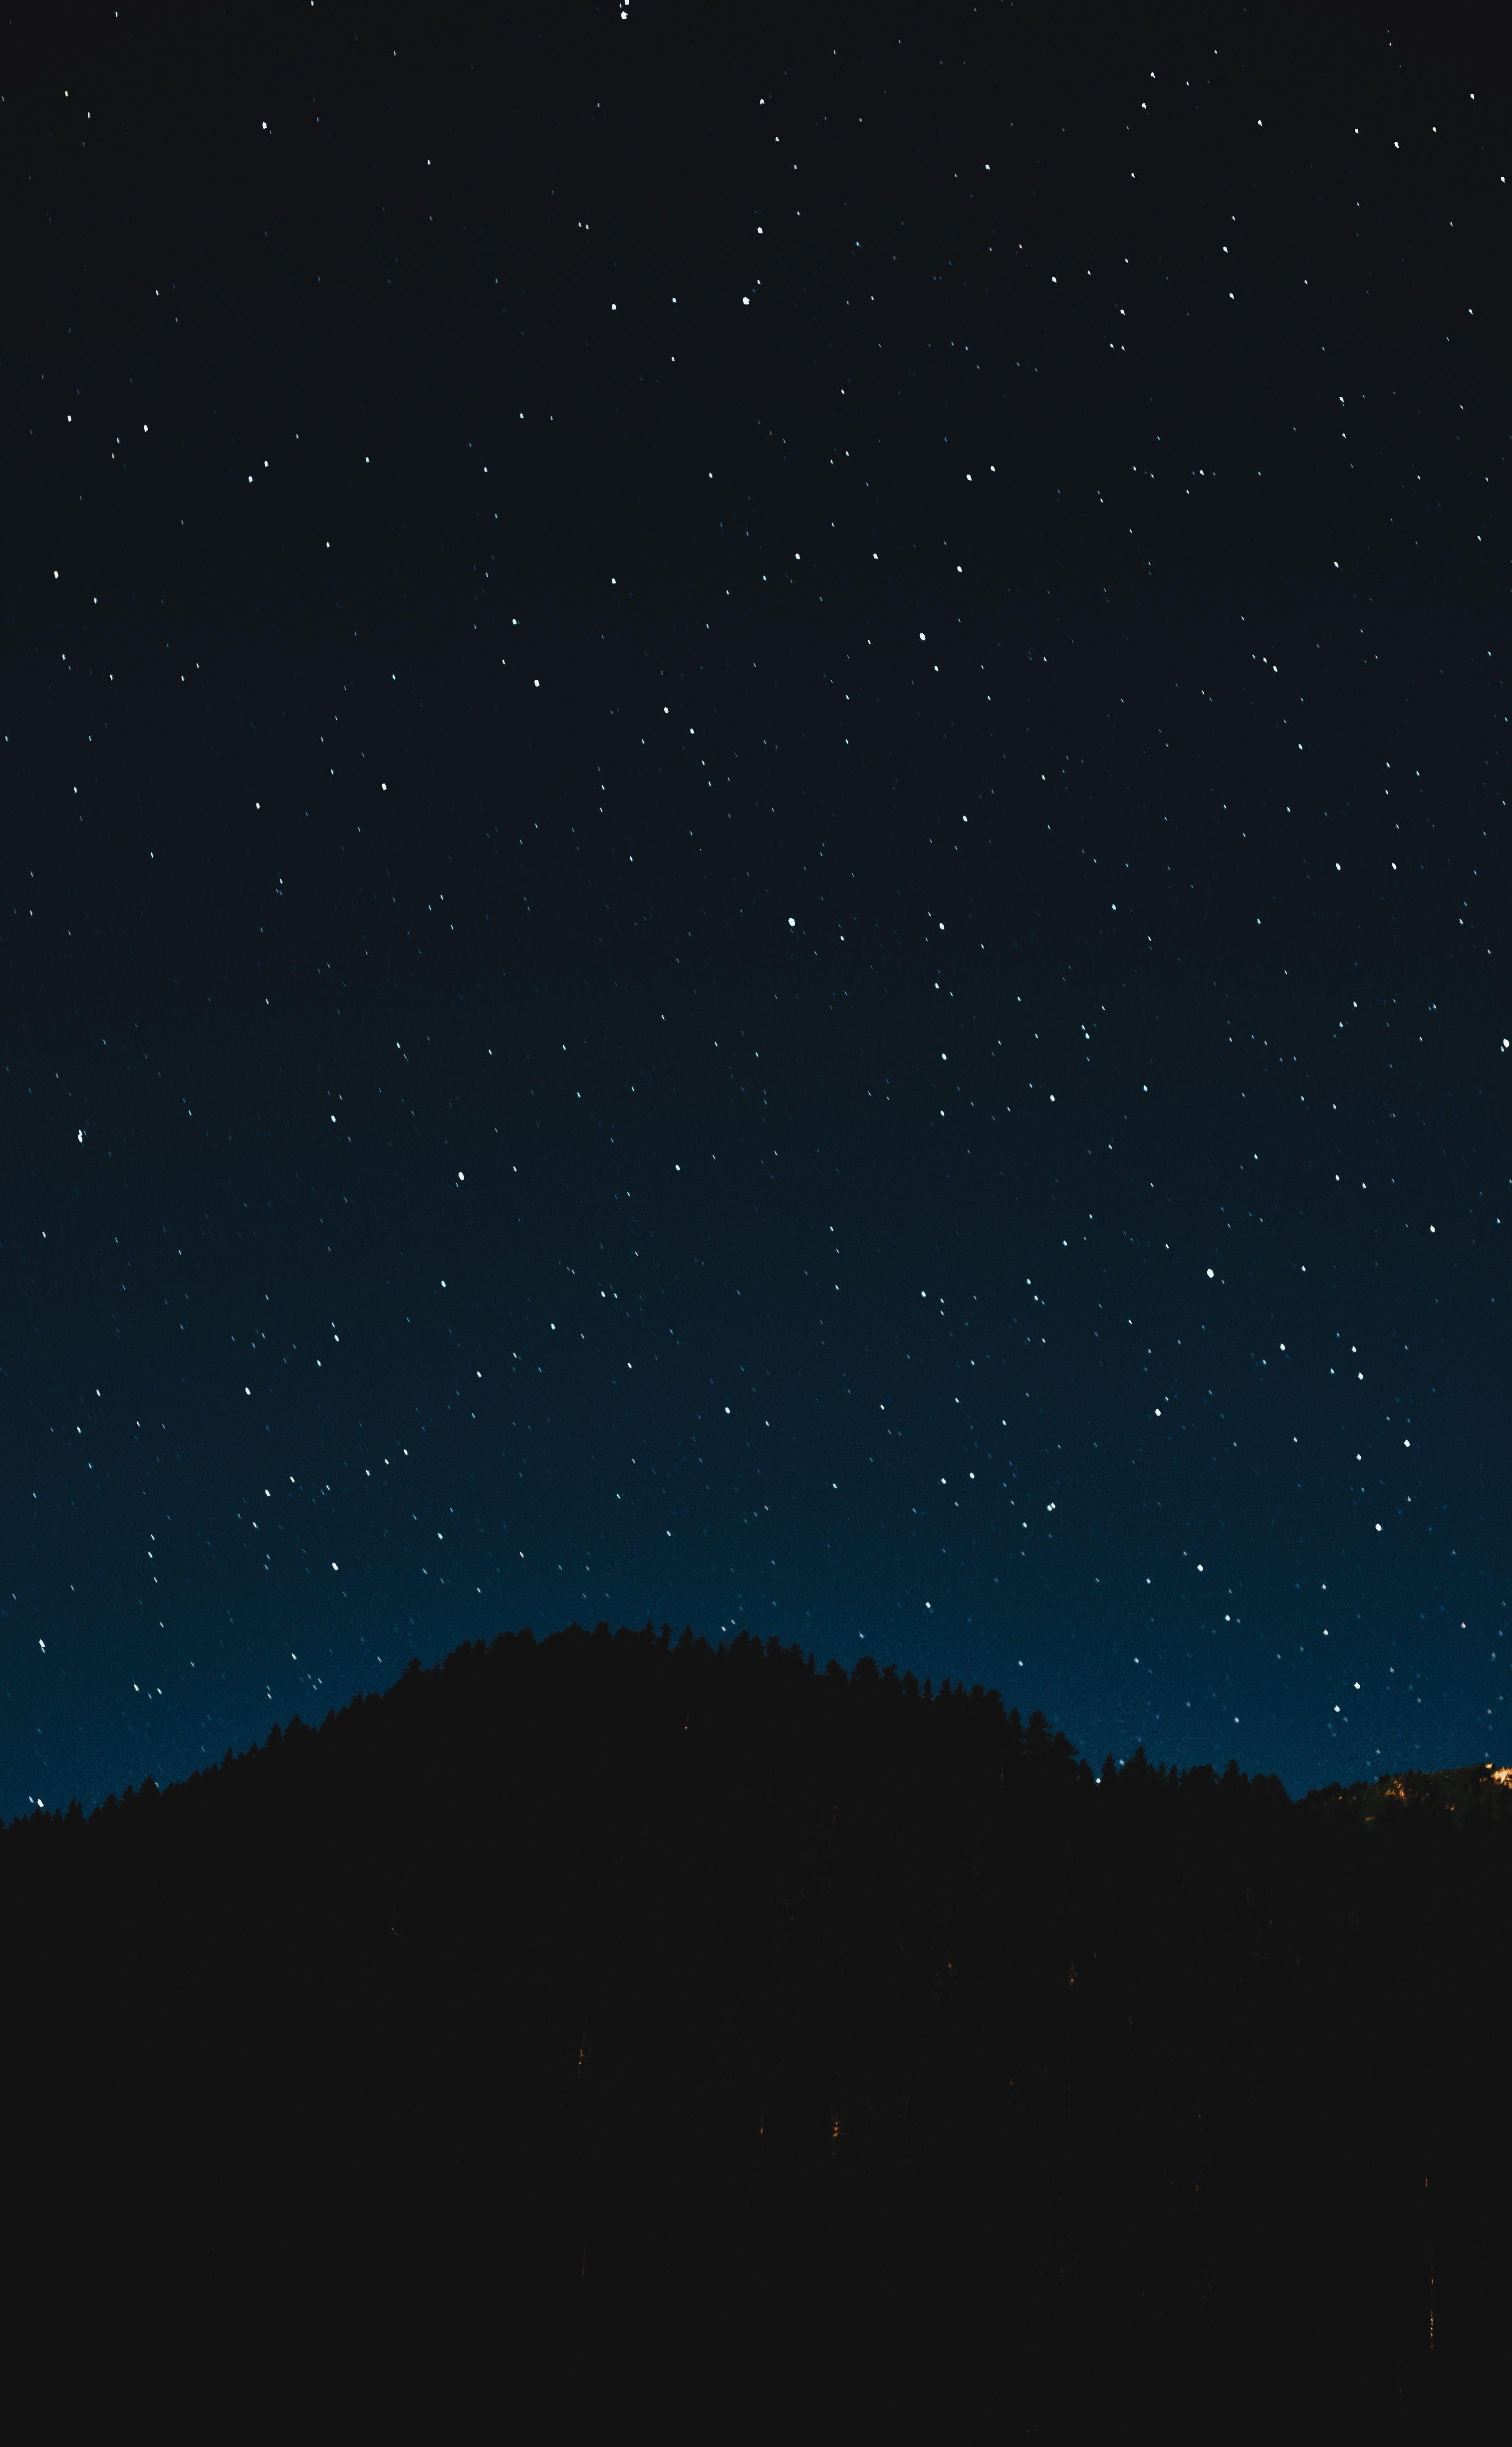 Pin By Vanja Stokic On Lockscreen Night Sky Photos Night Sky Wallpaper Sky Pictures